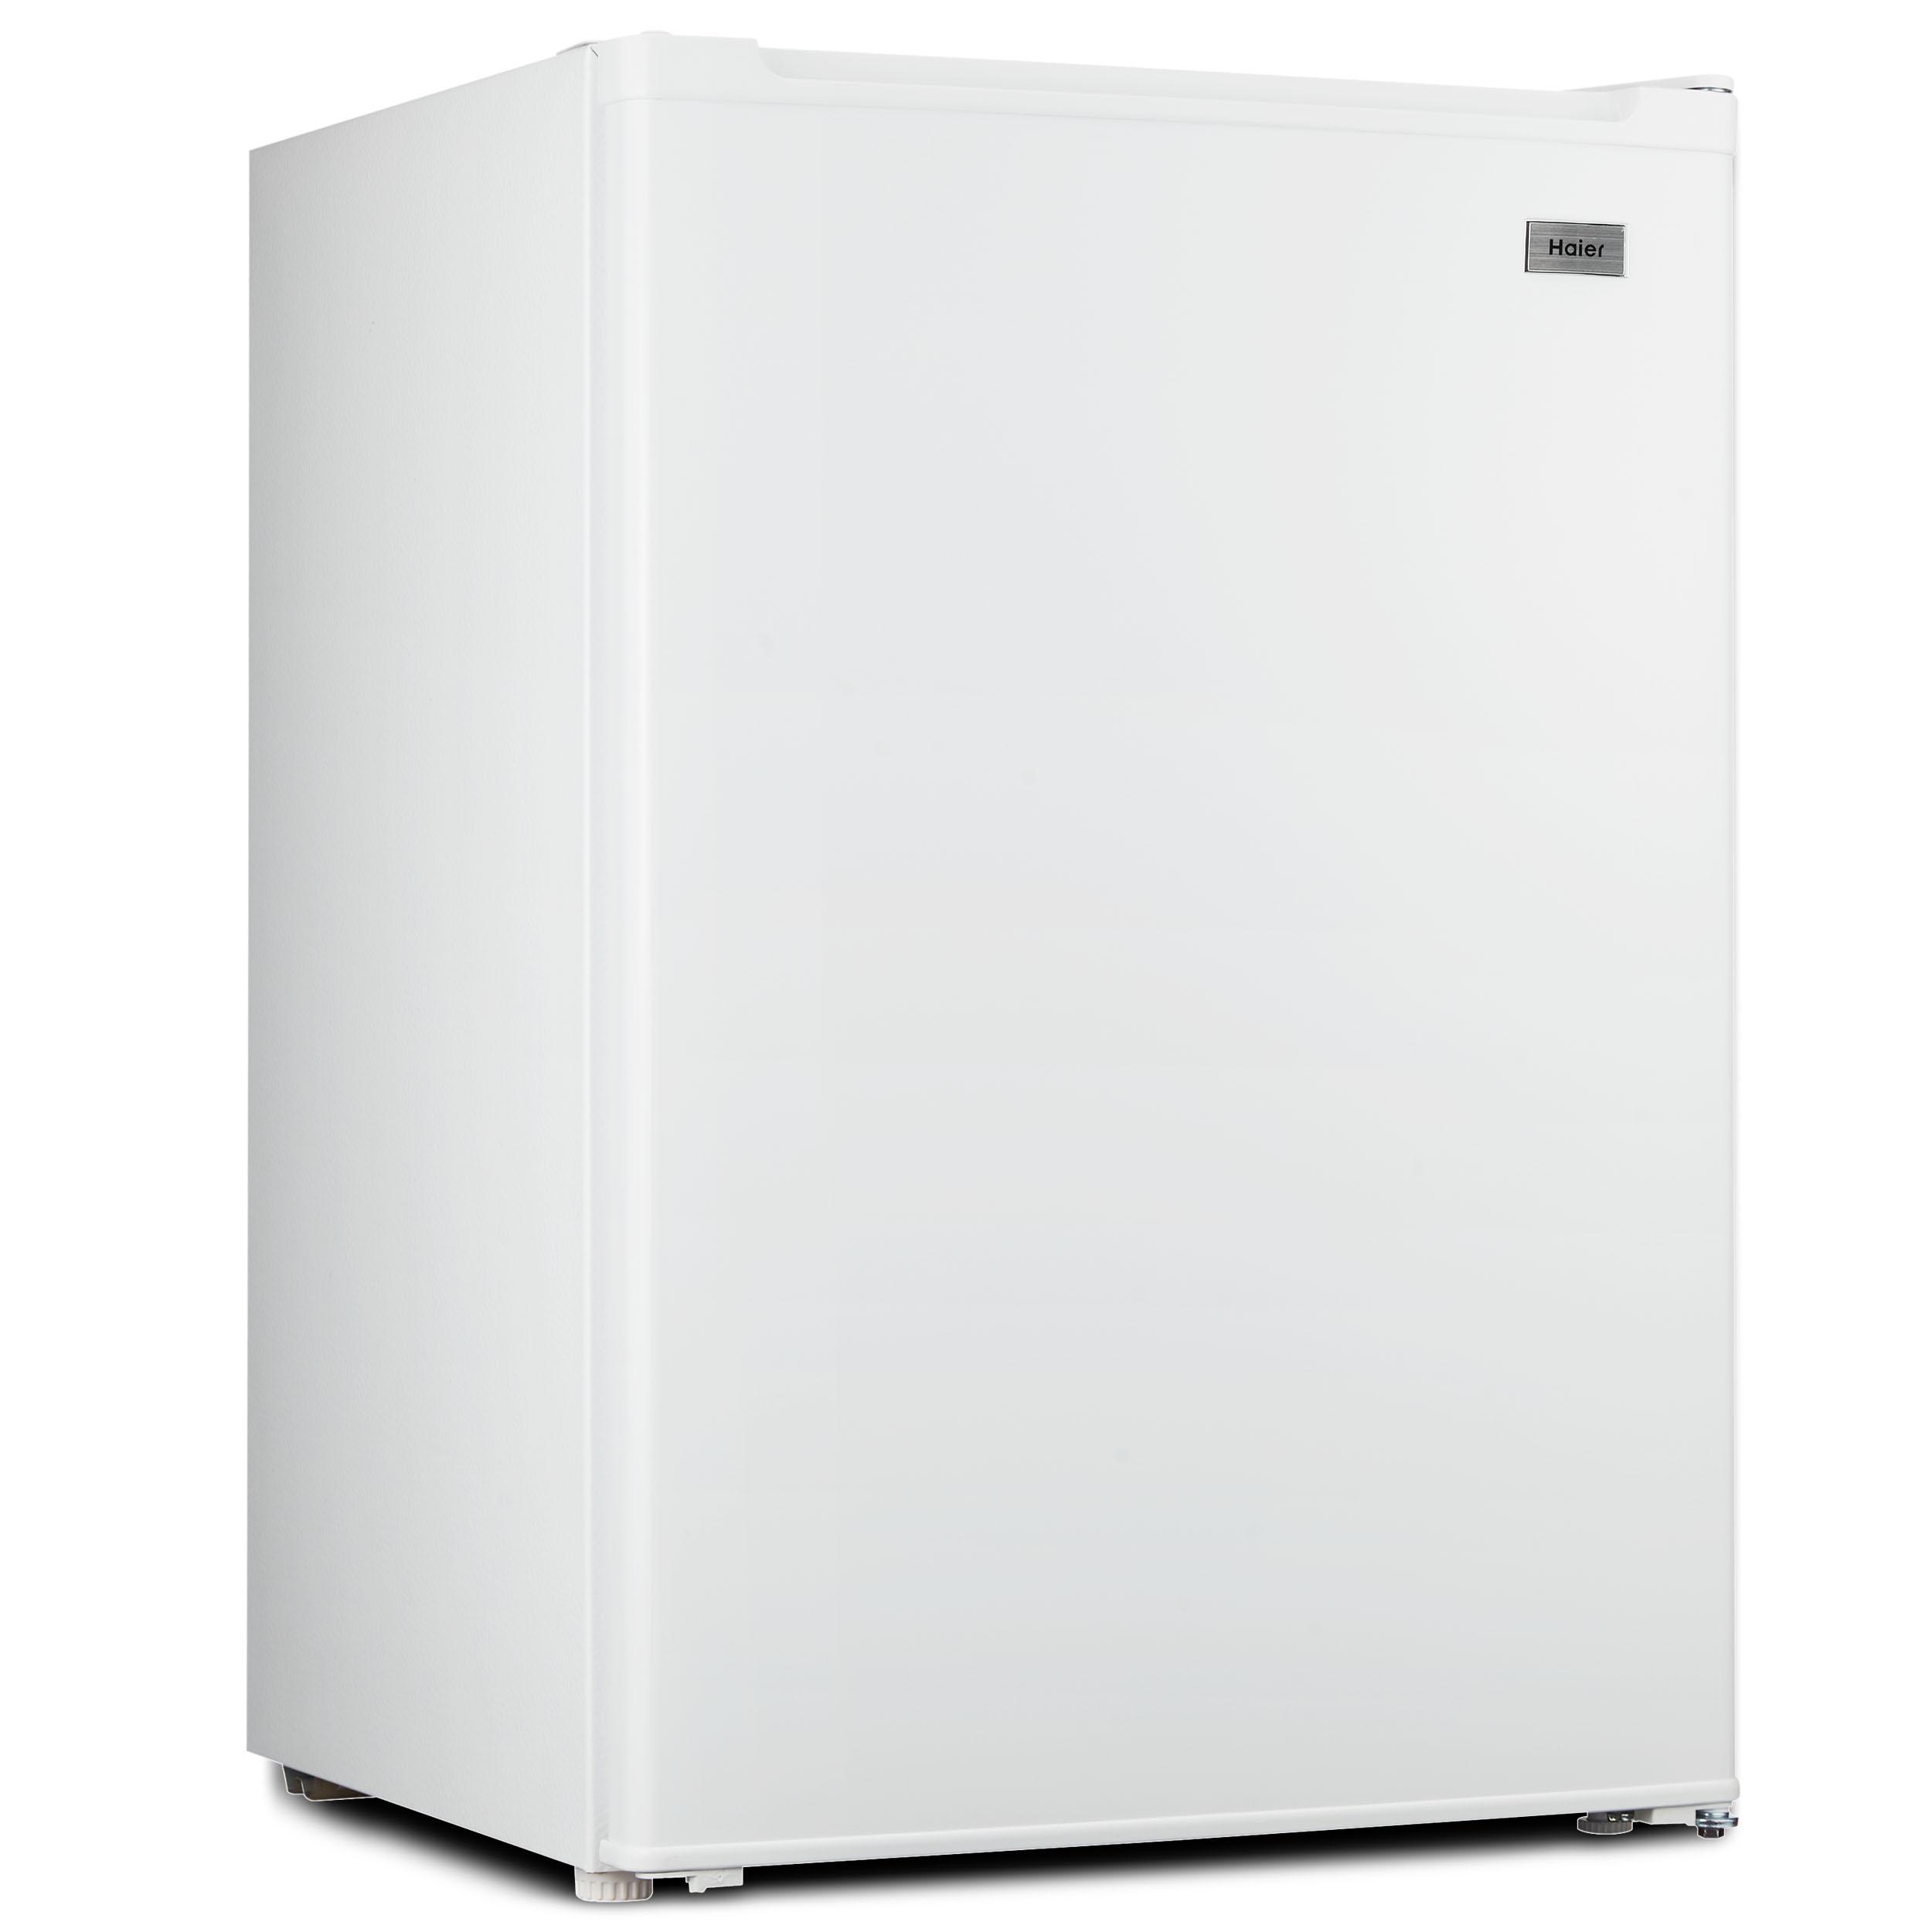 하이얼 소형미니냉장고 화이트 76L 자가설치, HRT78MDW